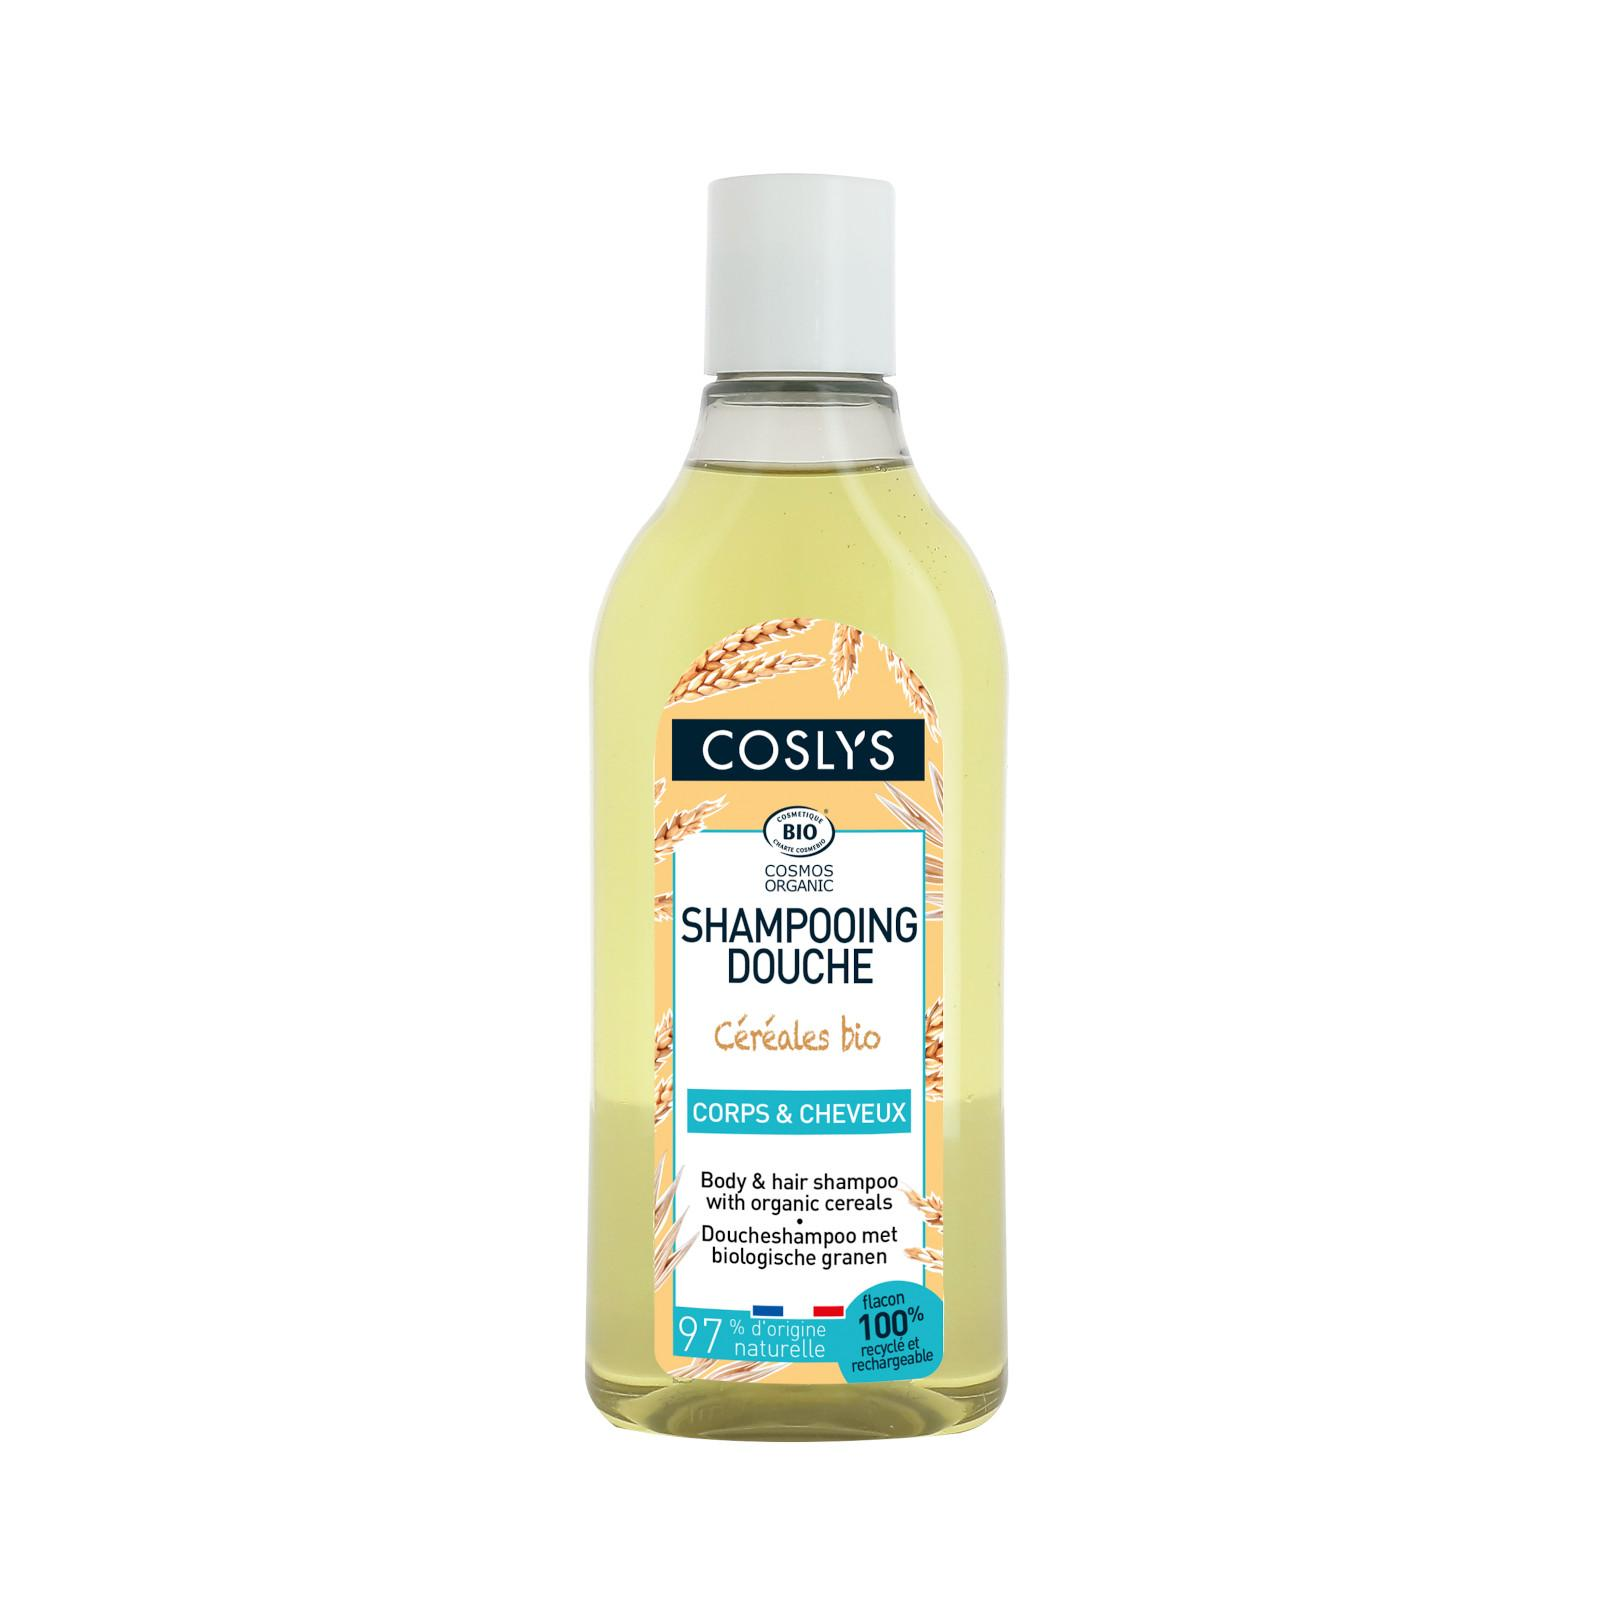 Coslys Sprchový šampon bez mýdla 2 v 1 na vlasy a tělo s výtažky z obilí 250 ml